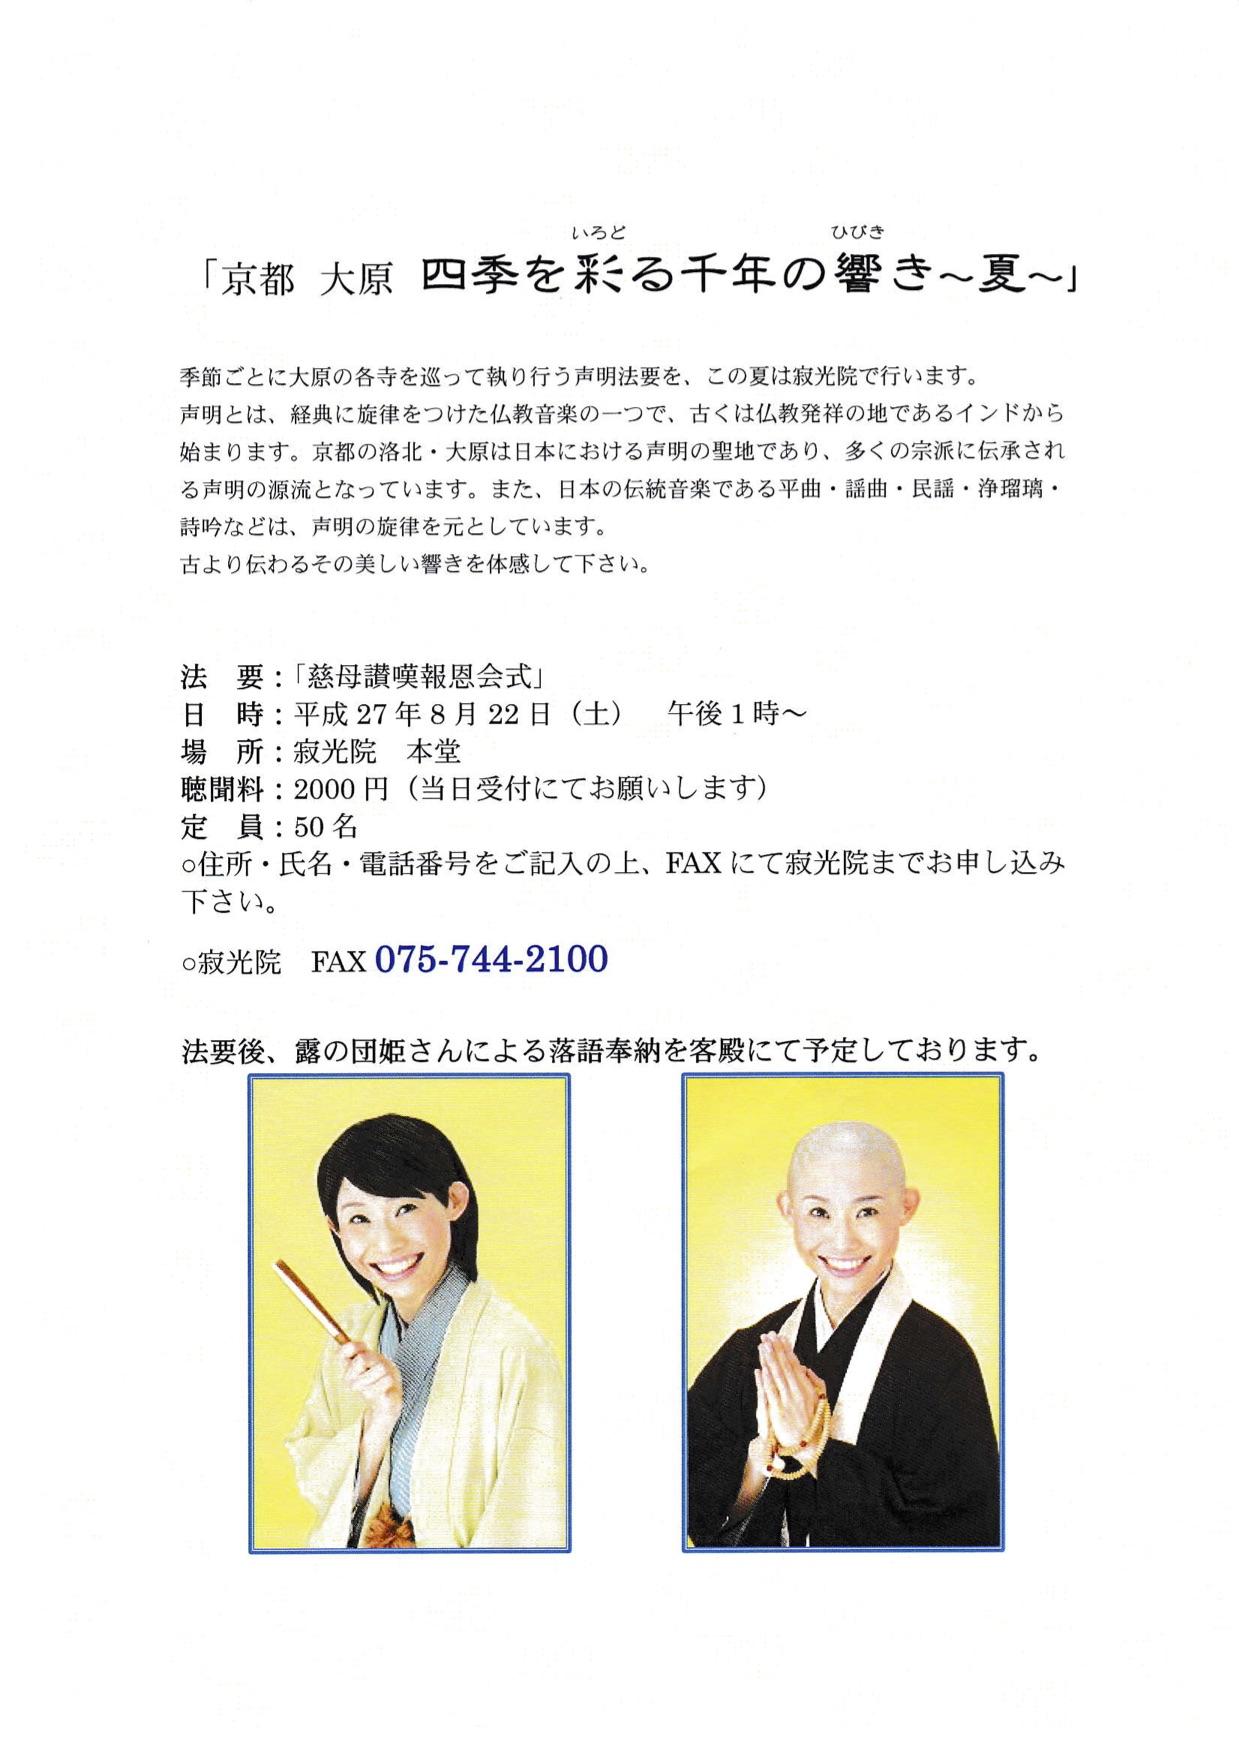 8/22 寂光院 四季を彩る千年の響き(夏)のお知らせ